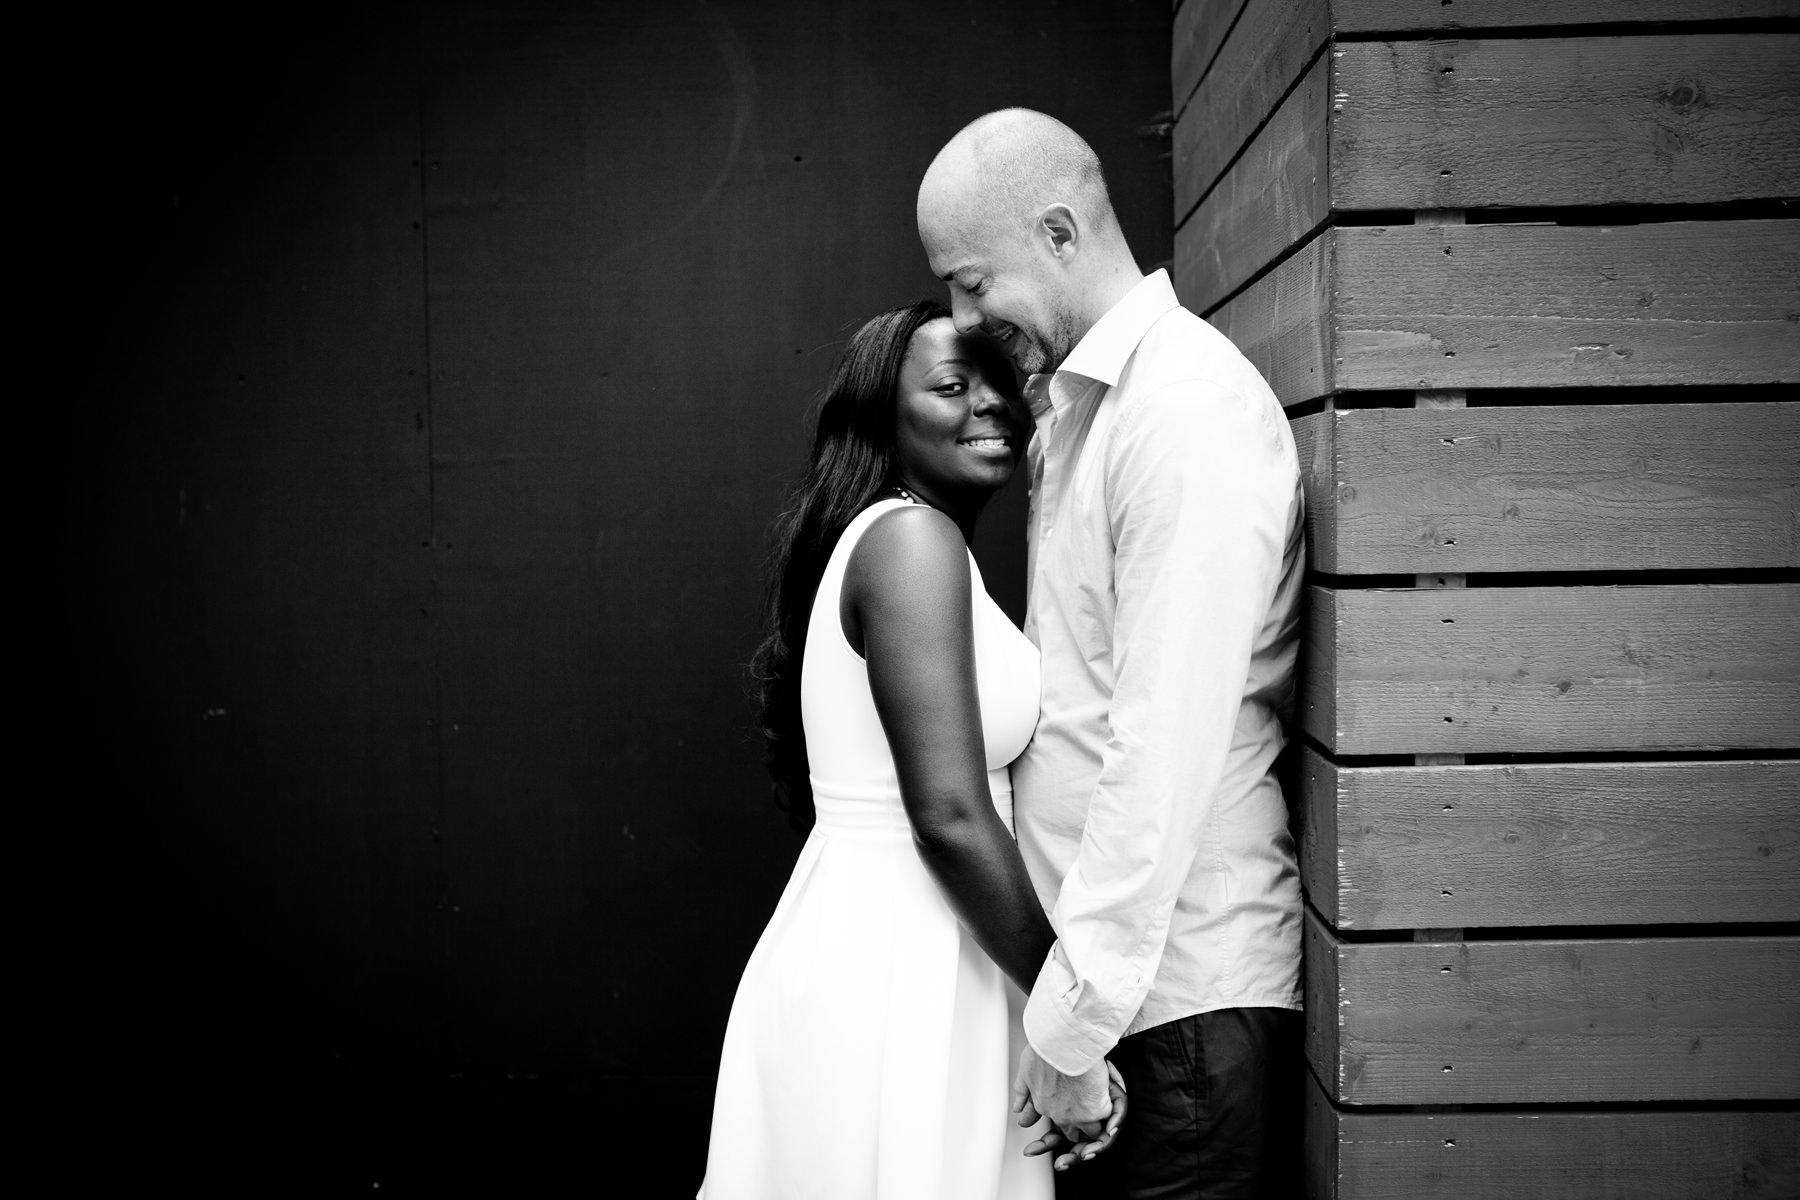 London-Southbank-engagement-photographer-BW-couple-portrait